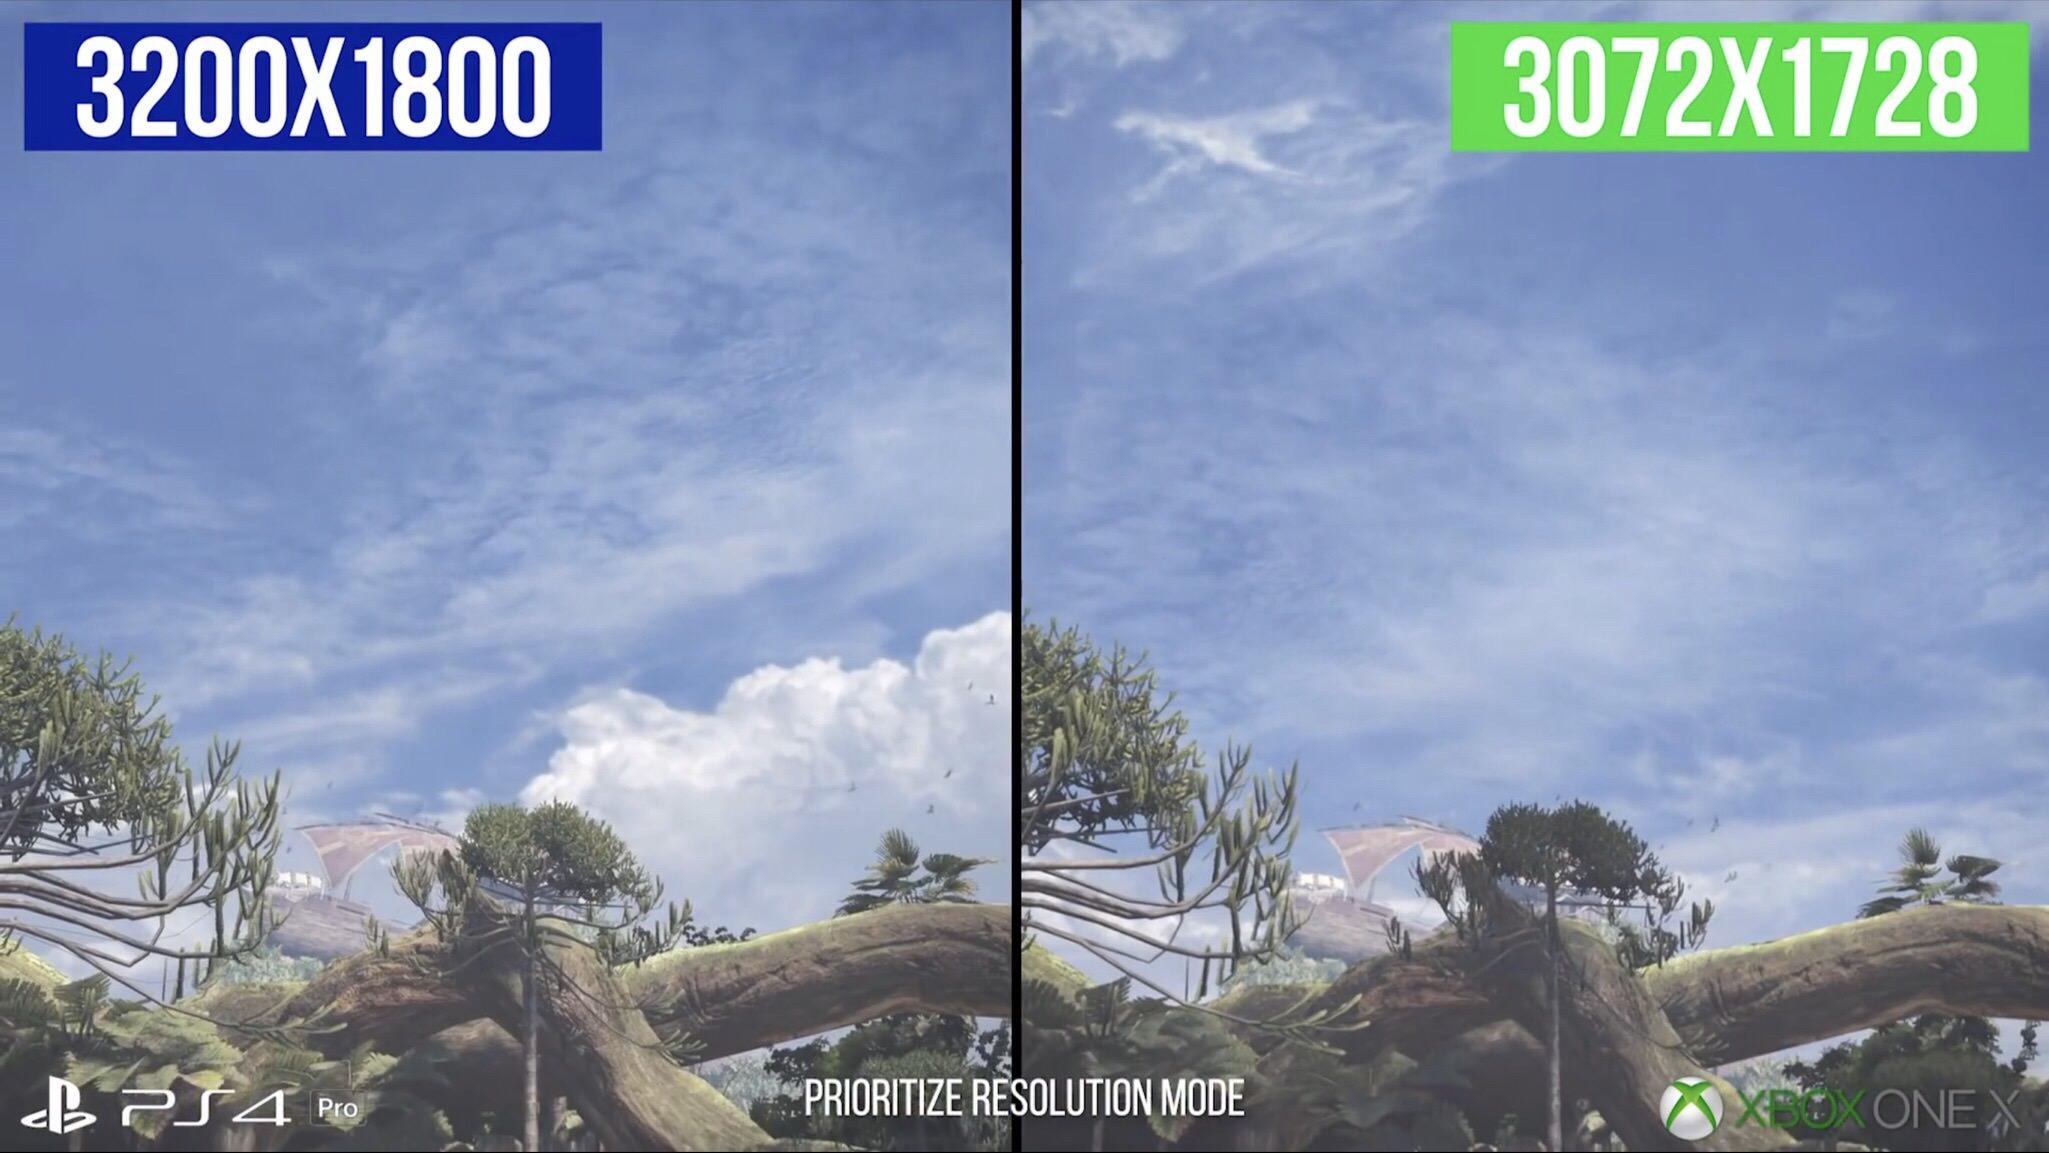 qKfrXdWEMjAnm - 【モンハンW】PS4Pro・XboxOneXのDFによる比較動画が公開!